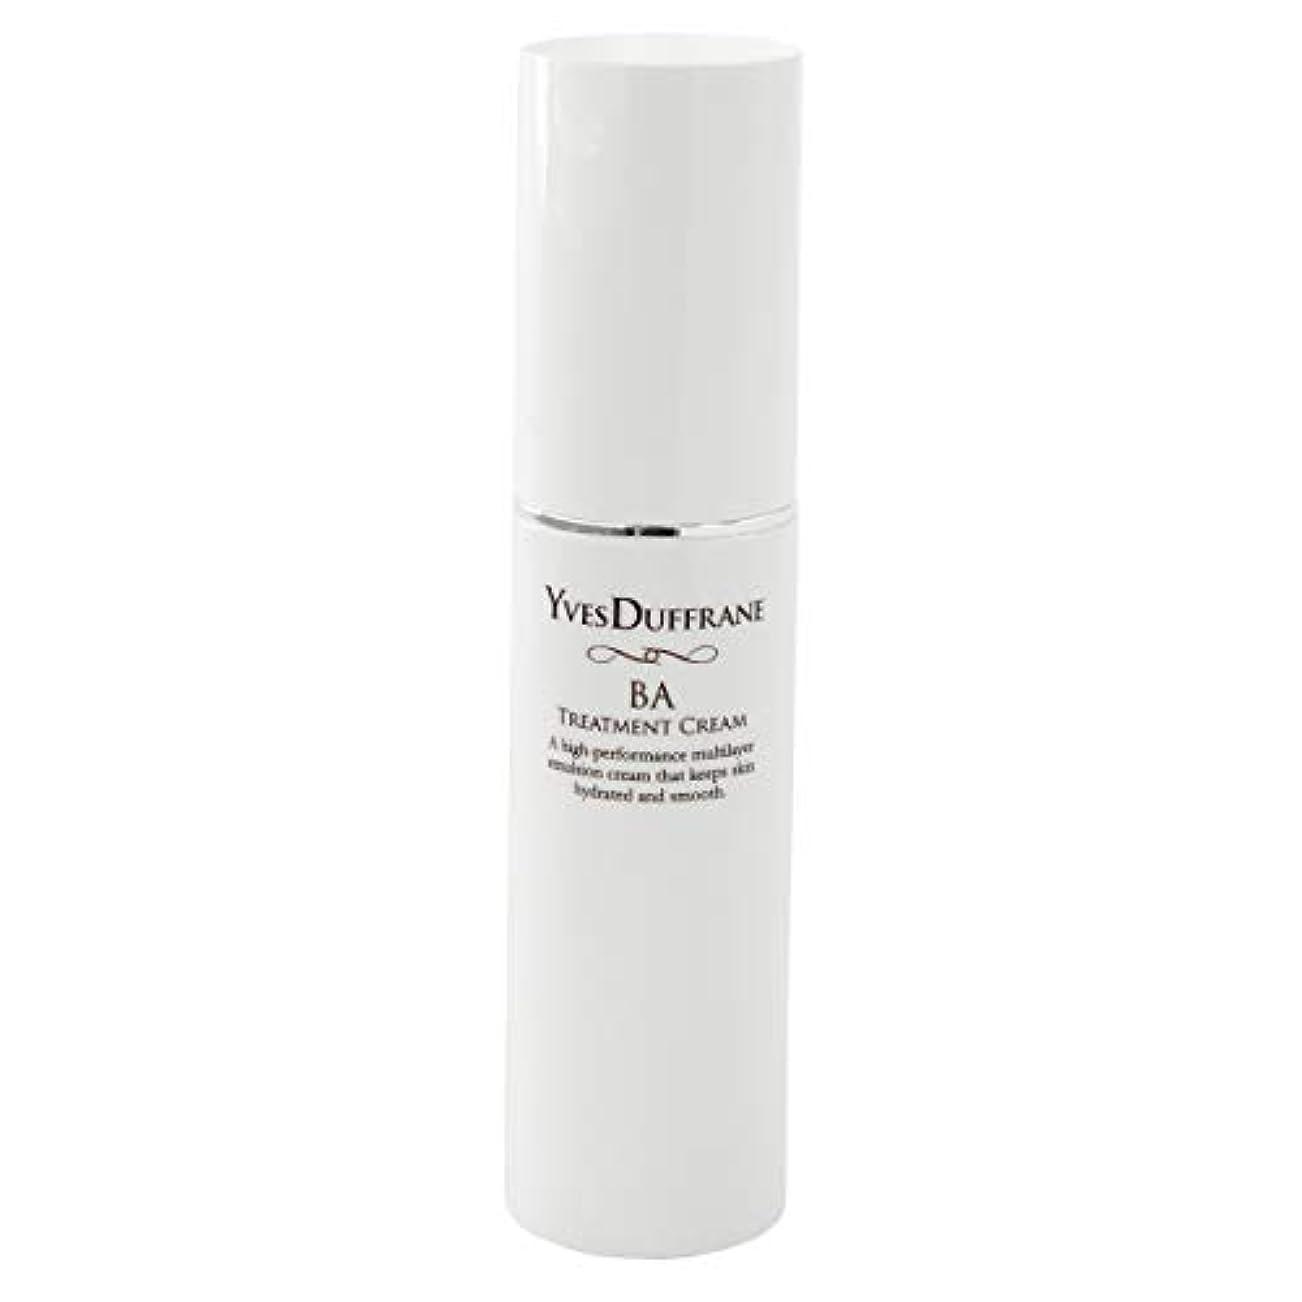 鉄どっちバンドセラミド 美容クリーム [BAトリートメント クリーム ] 顔 目元 敏感肌 保湿 セラミド ビタミンC誘導体 バイオアンテージ配合